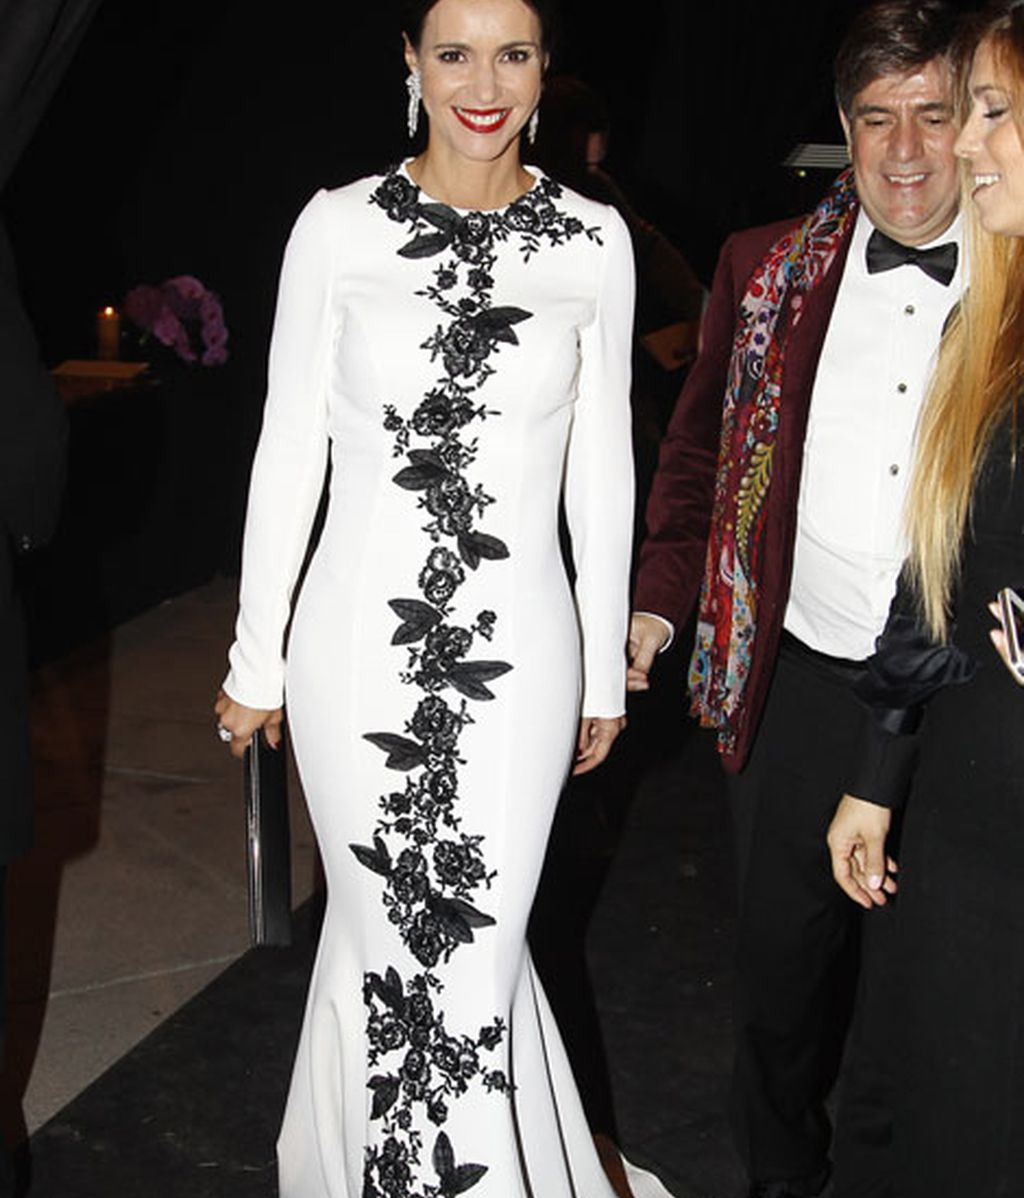 La presentadora Arancha del Sol, con un espectacular vestido blanco